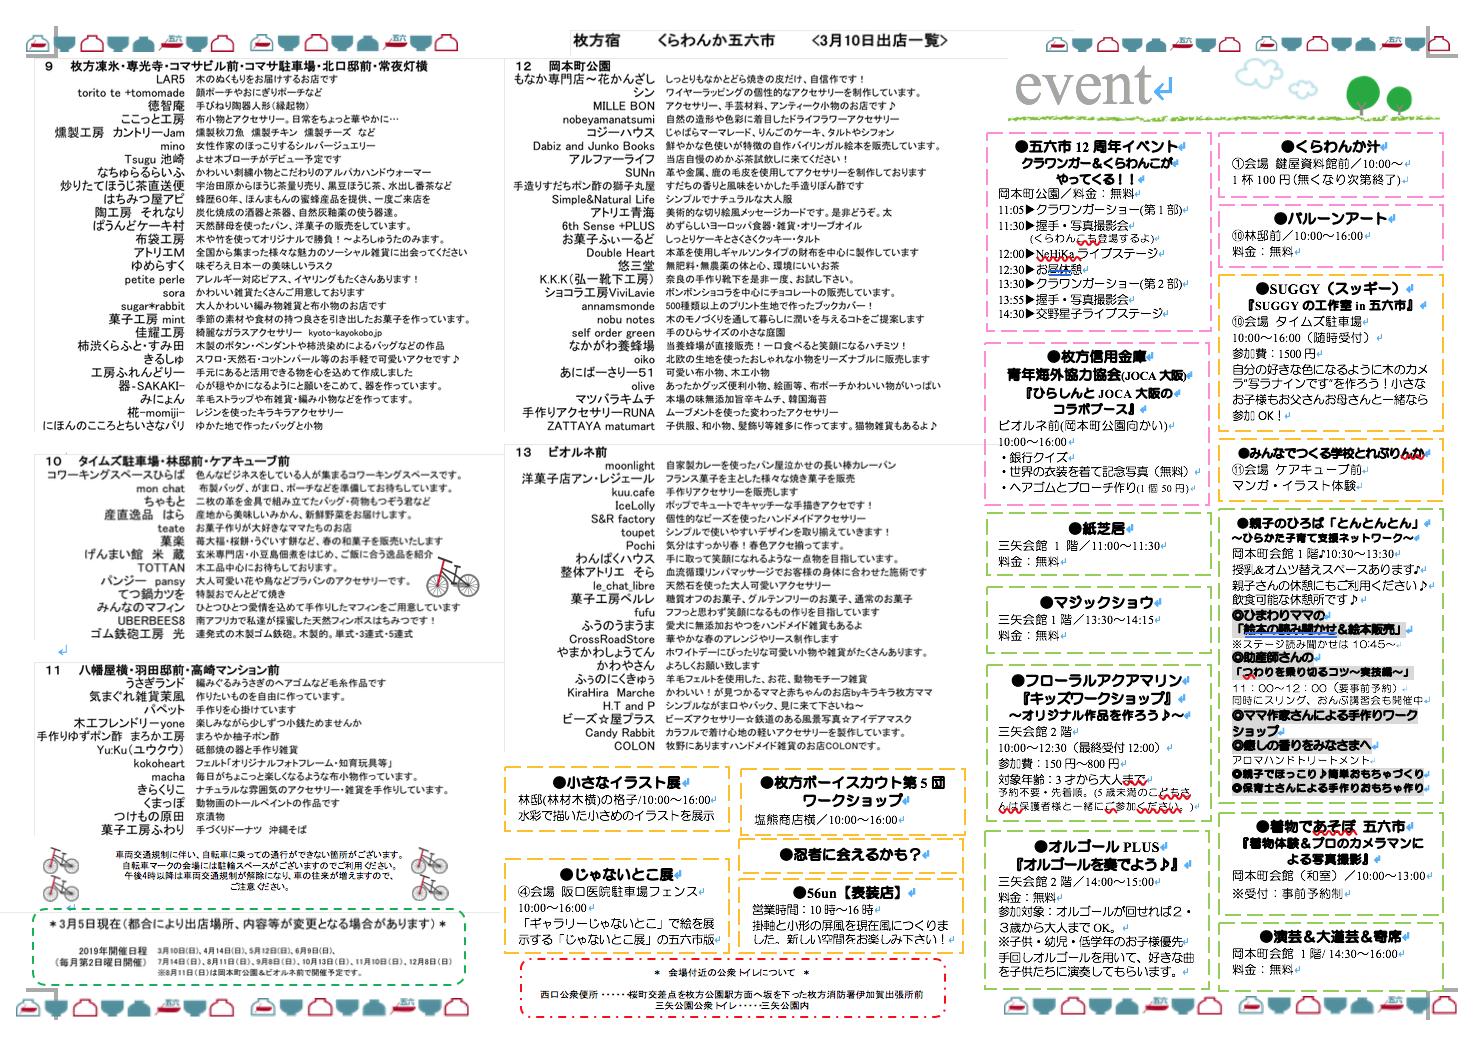 f:id:gorokuichi:20190305193836p:plain